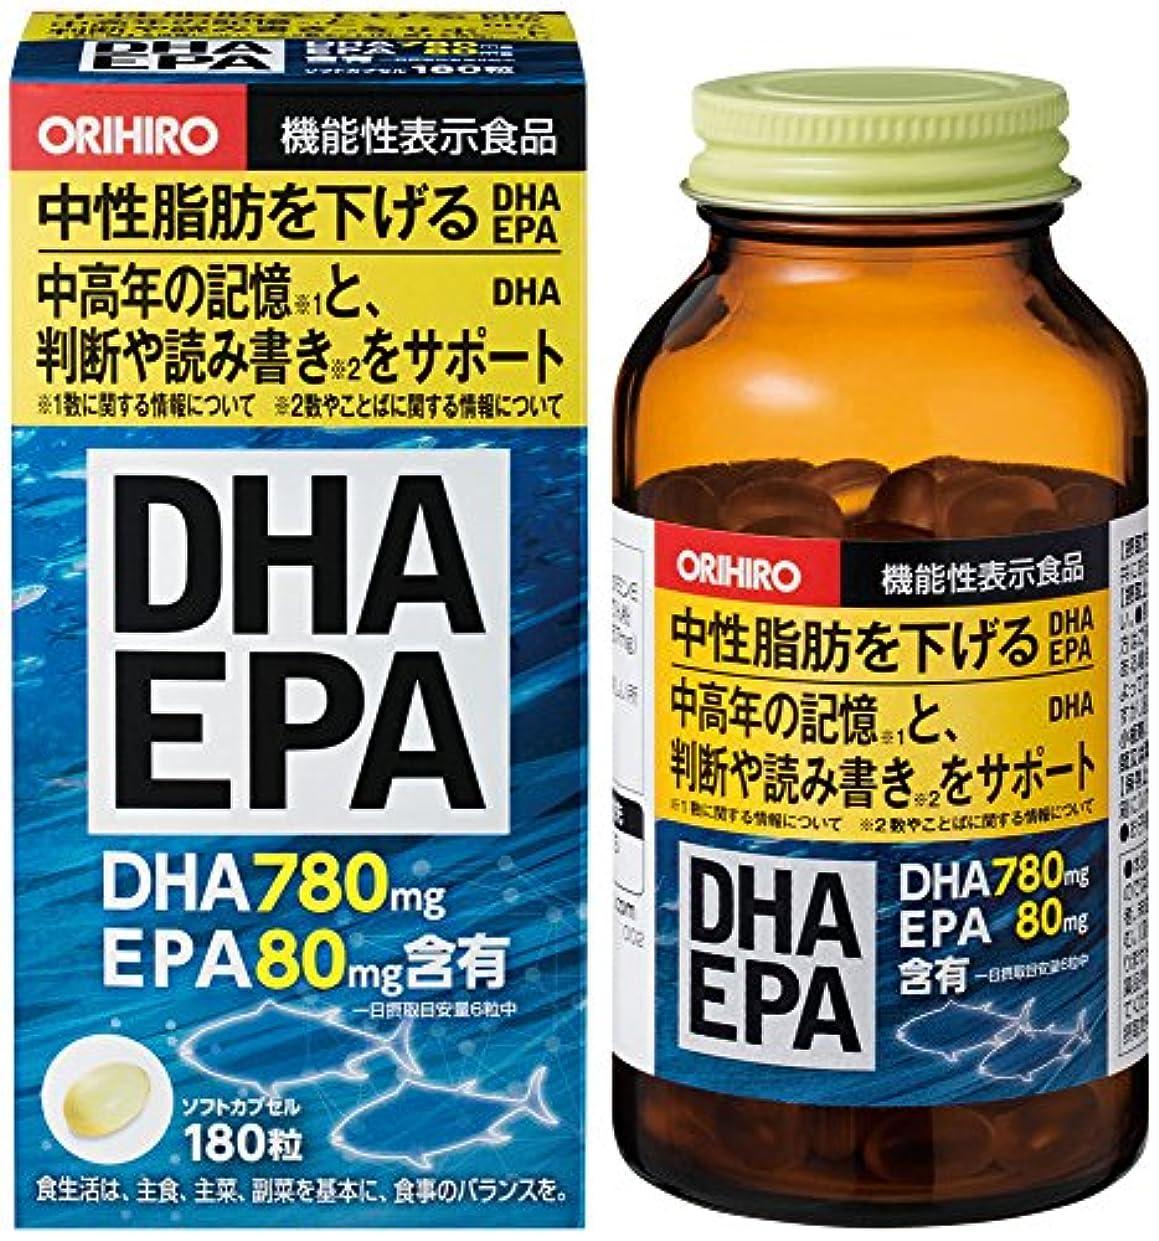 報奨金アルネジョグオリヒロ DHA?EPA 180粒 [機能性表示食品]